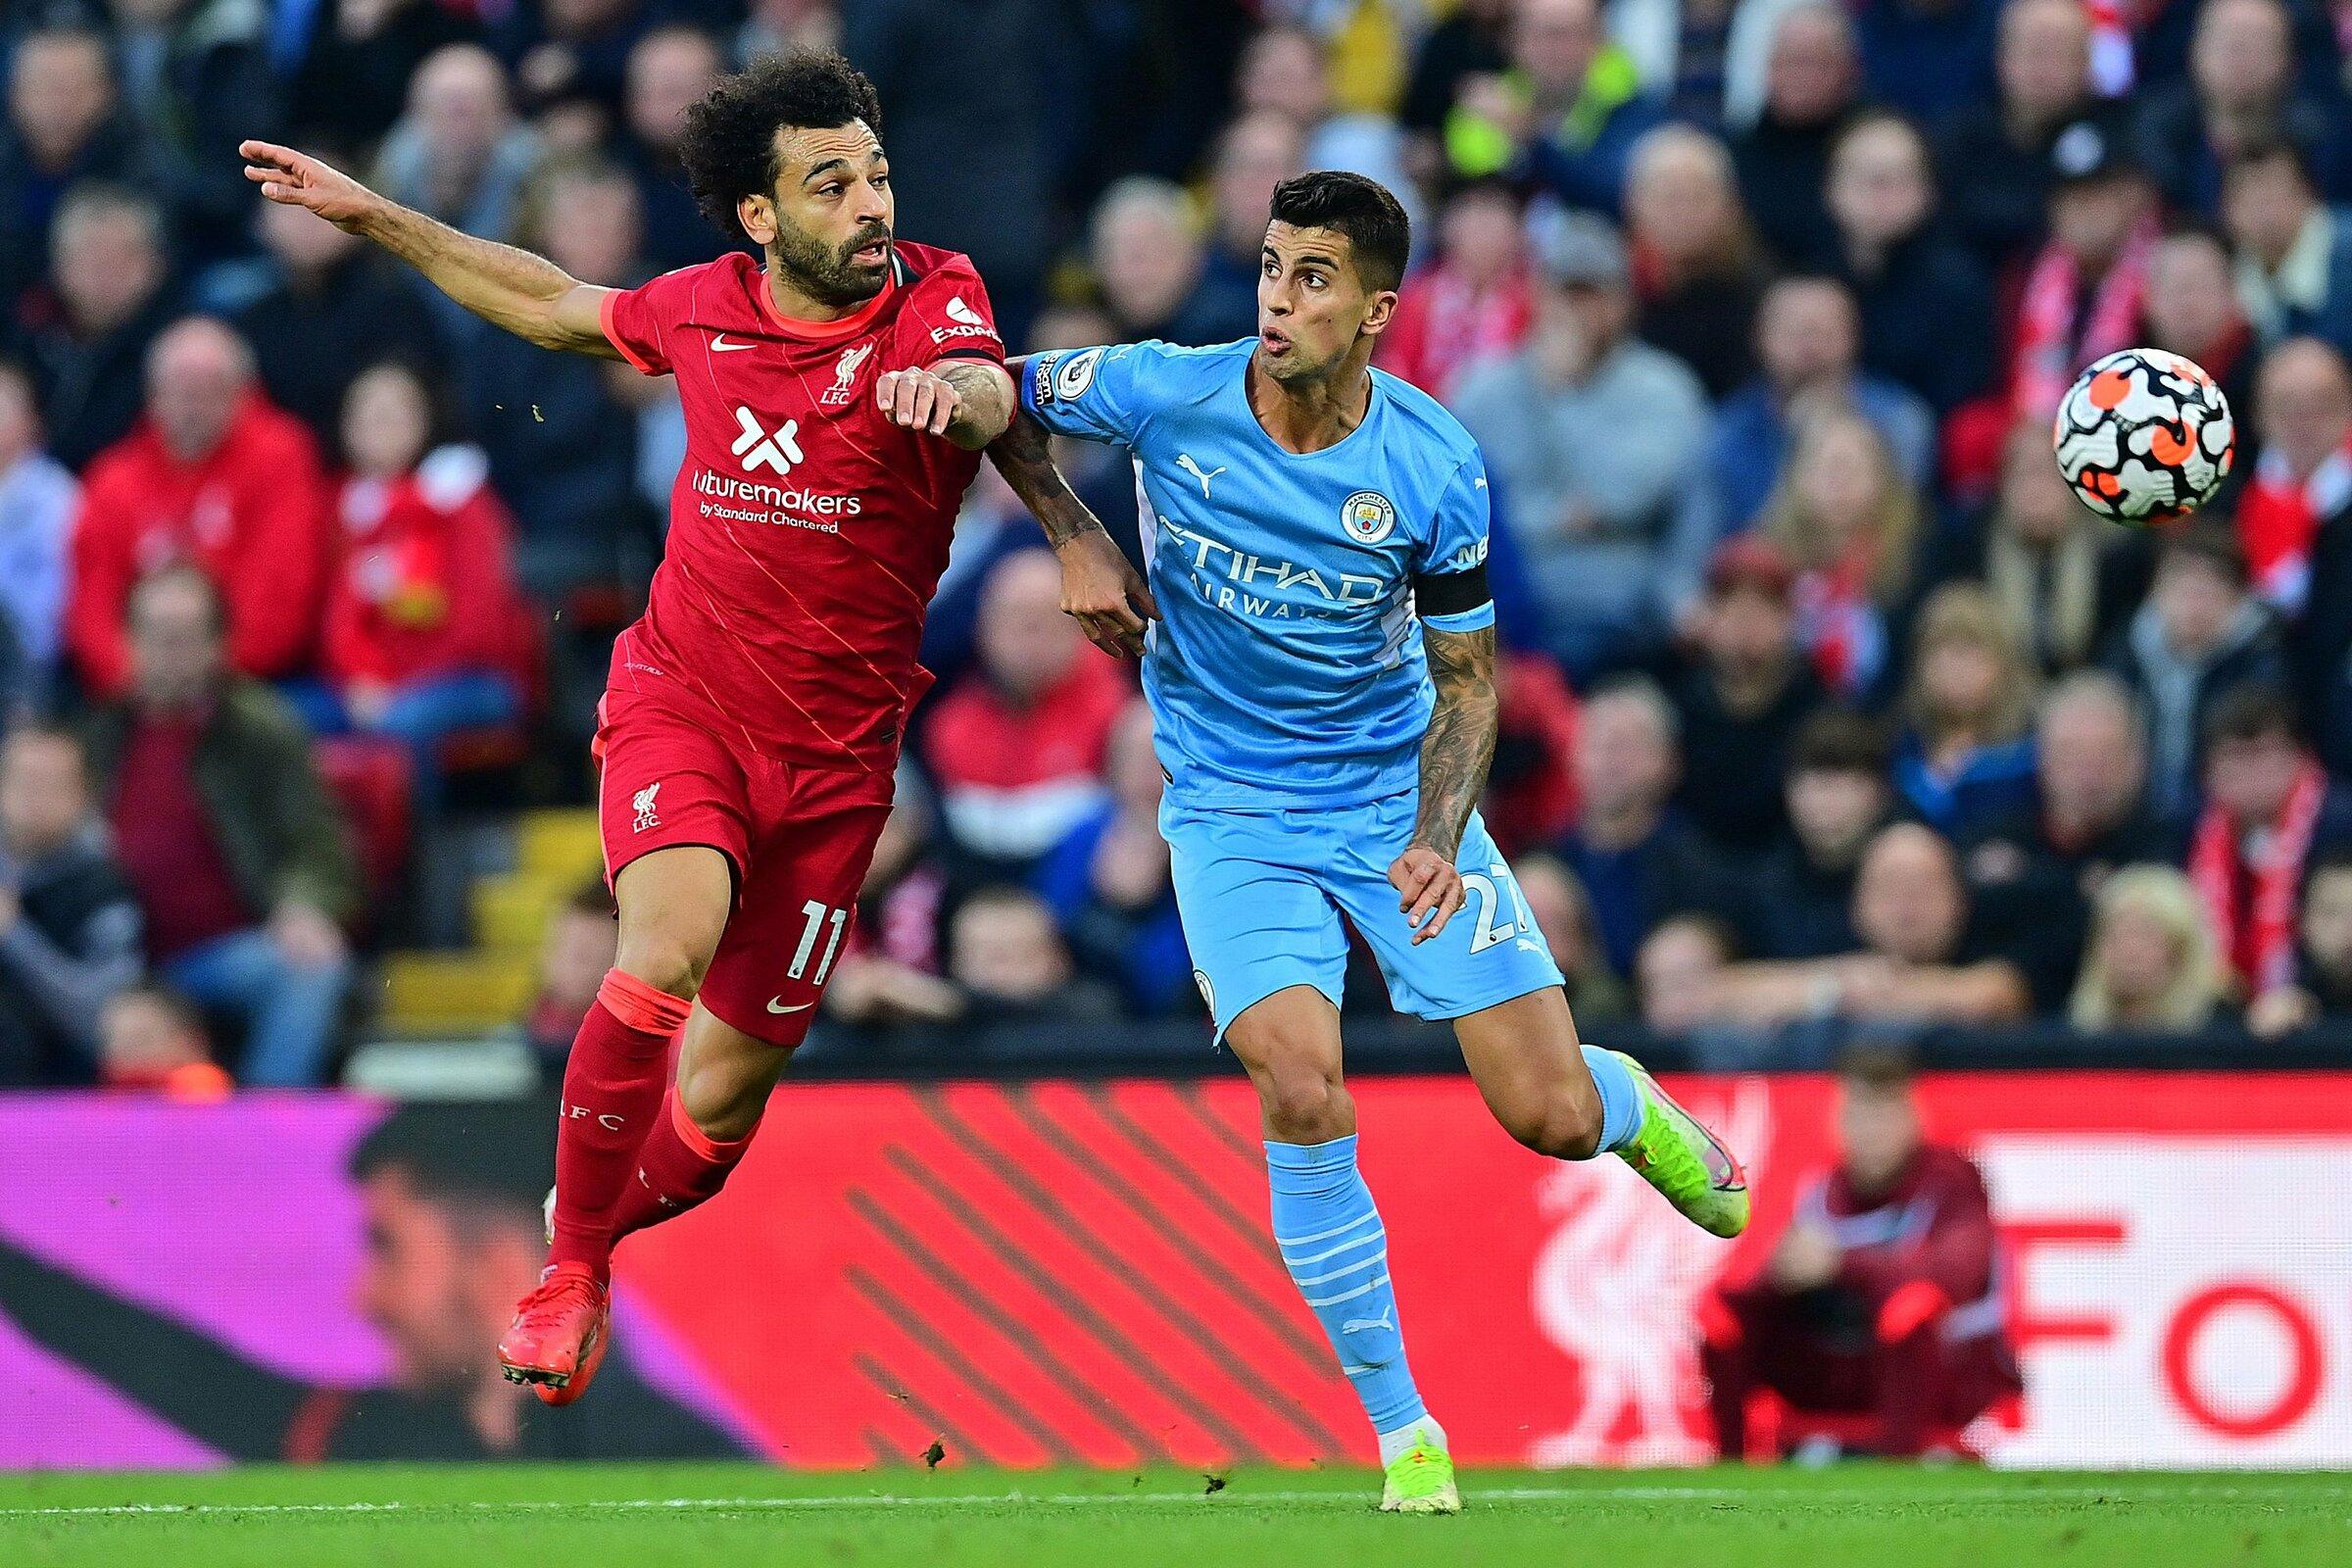 Salah tranh chấp với Cancelo trong trận Liverpool hoà Man City 2-2 tại Anfield hôm 3/10. Ảnh: Reuters